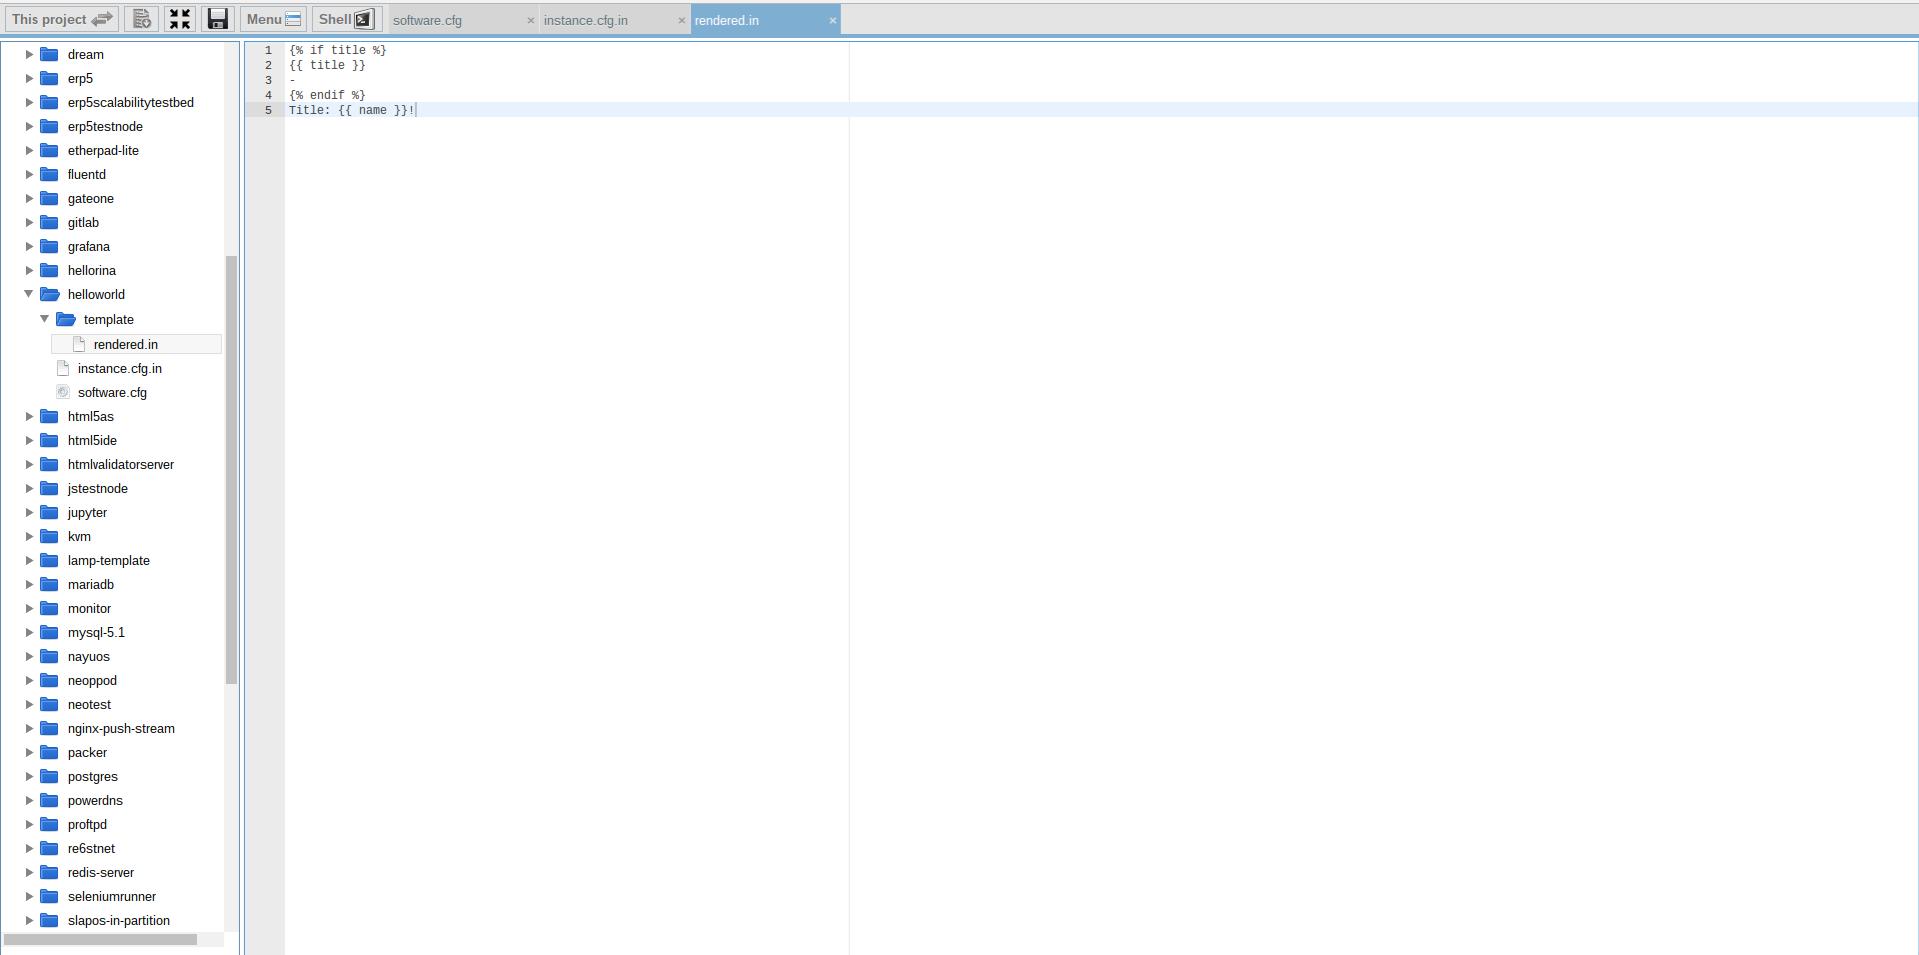 Extending Software Release - Webrunner Interface - Add Template Folder and Template